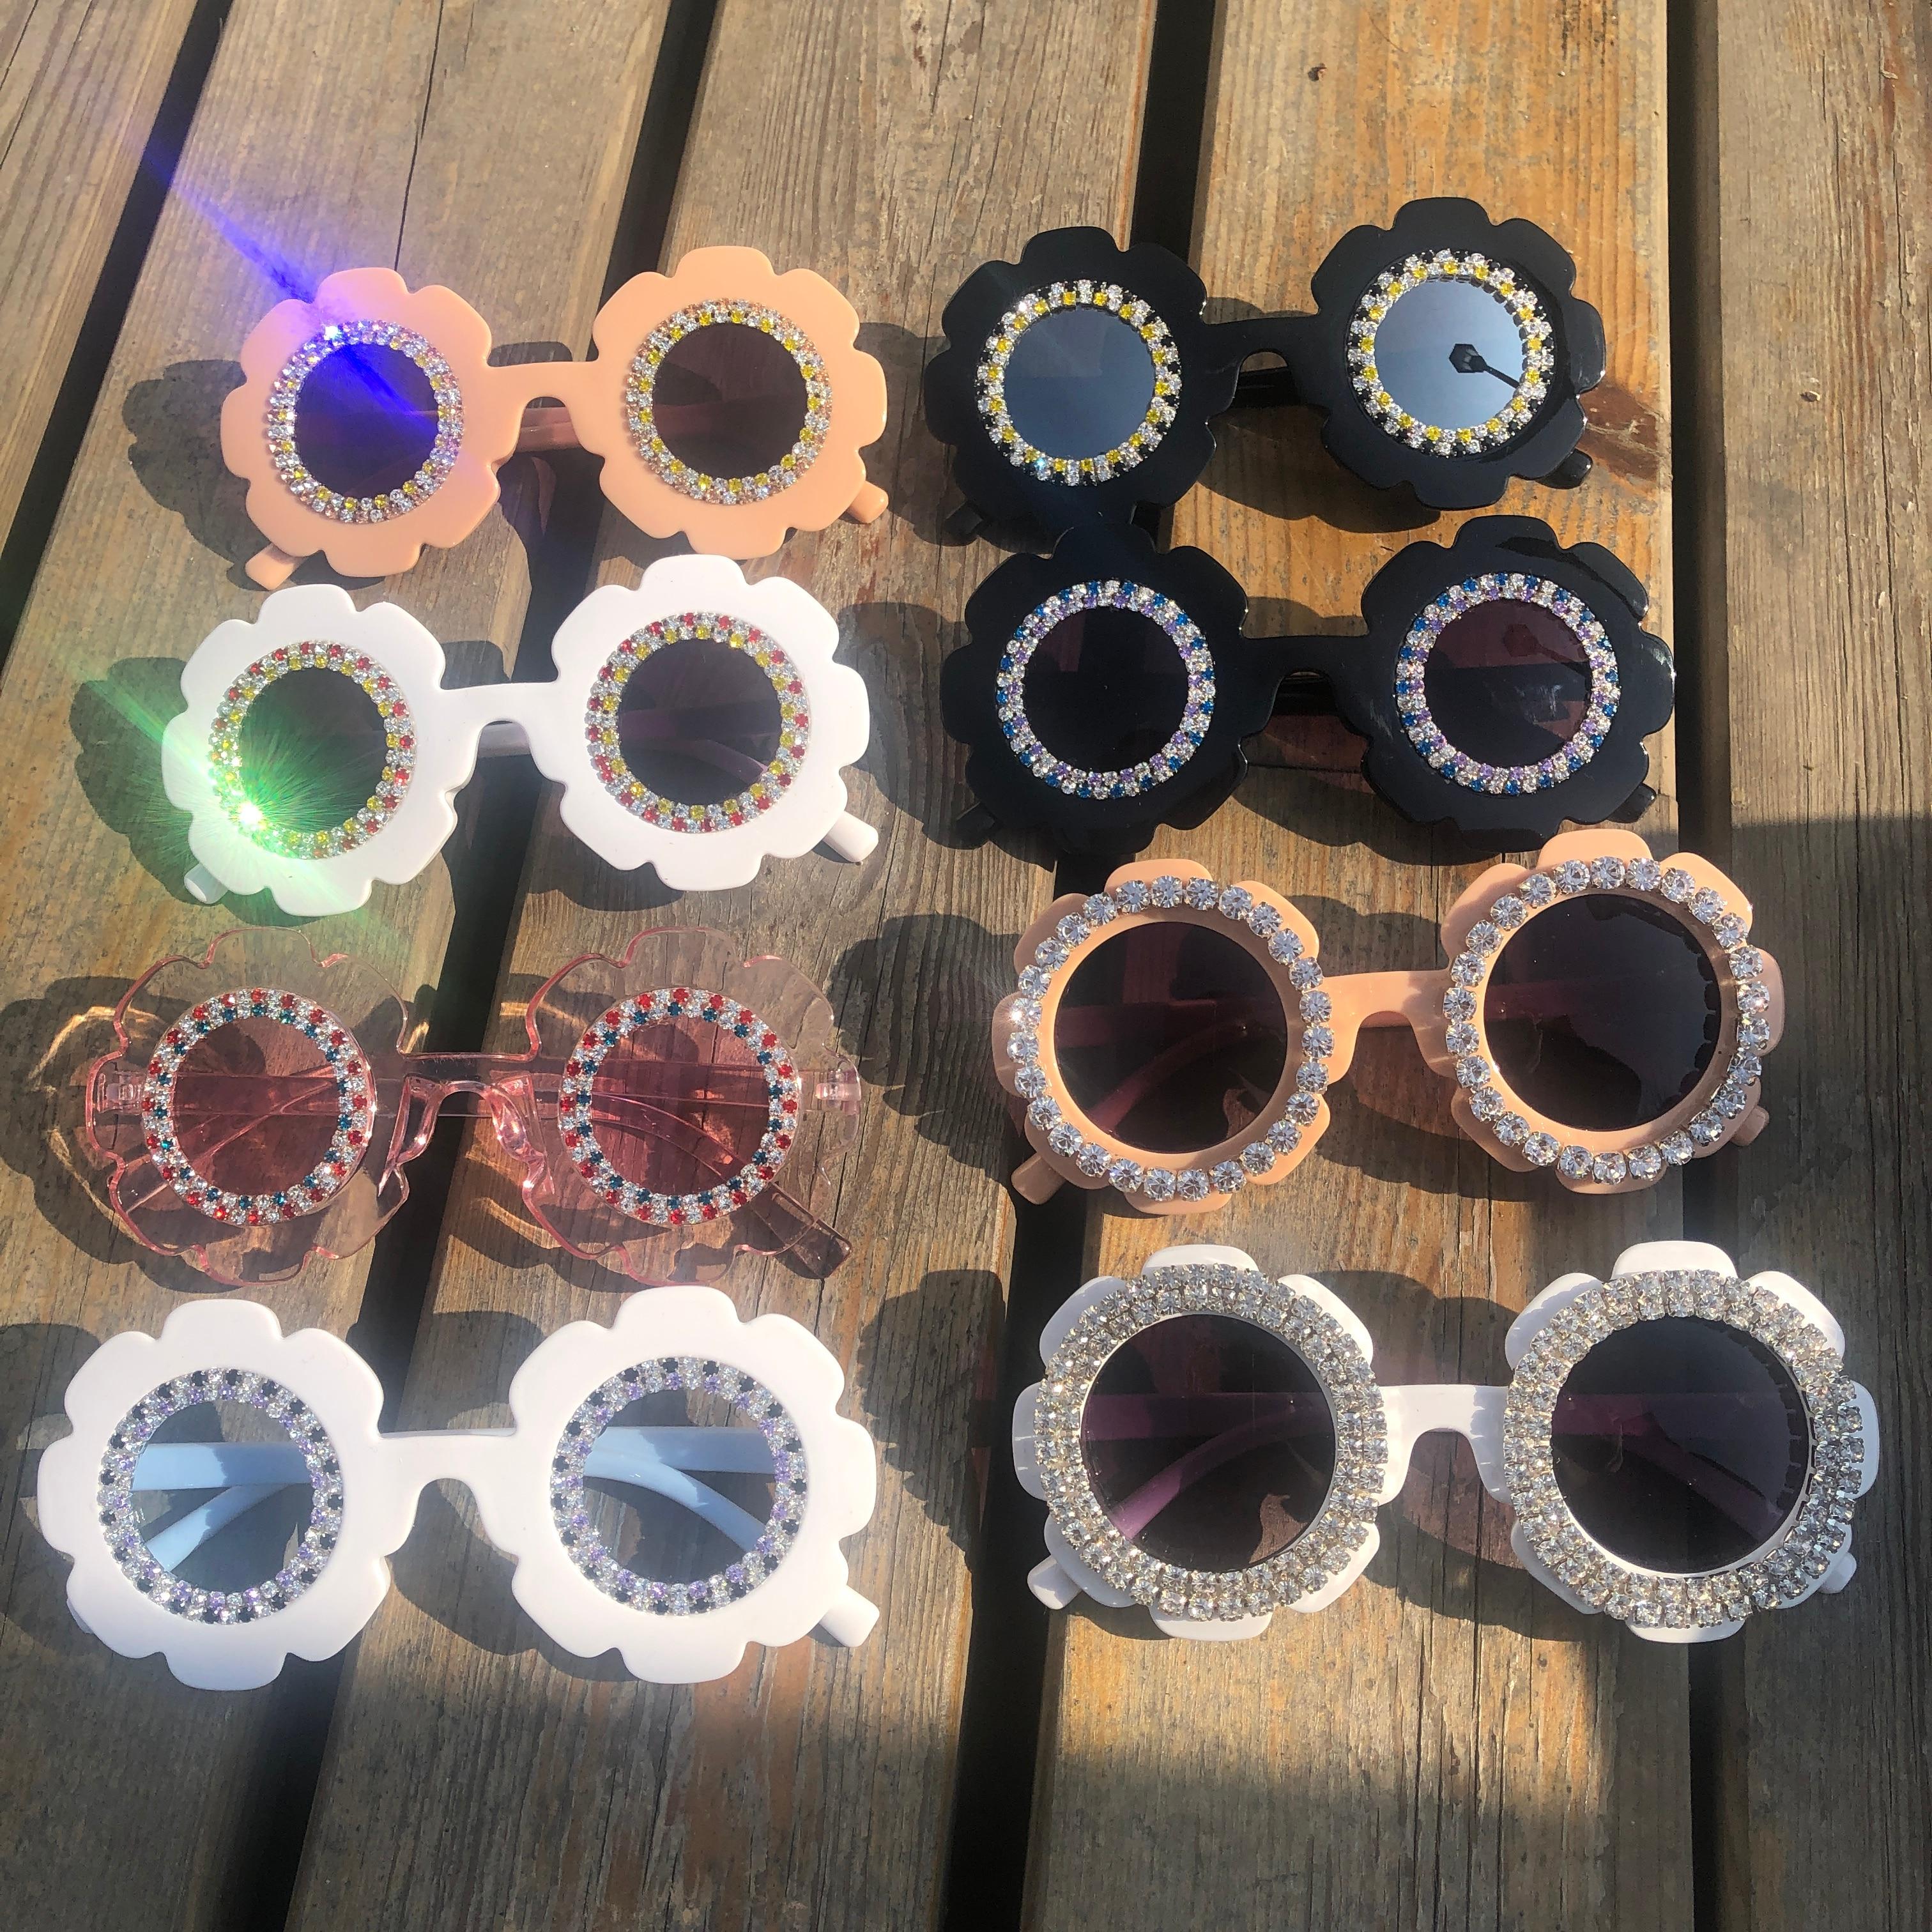 ZAOLIHU, bonitas Gafas de sol para bebé, 8 diseños, tonos de flores redondas, coloridos diamantes, Gafas para niños pequeños, Gafas de sol de verano para niños, Gafas de sol